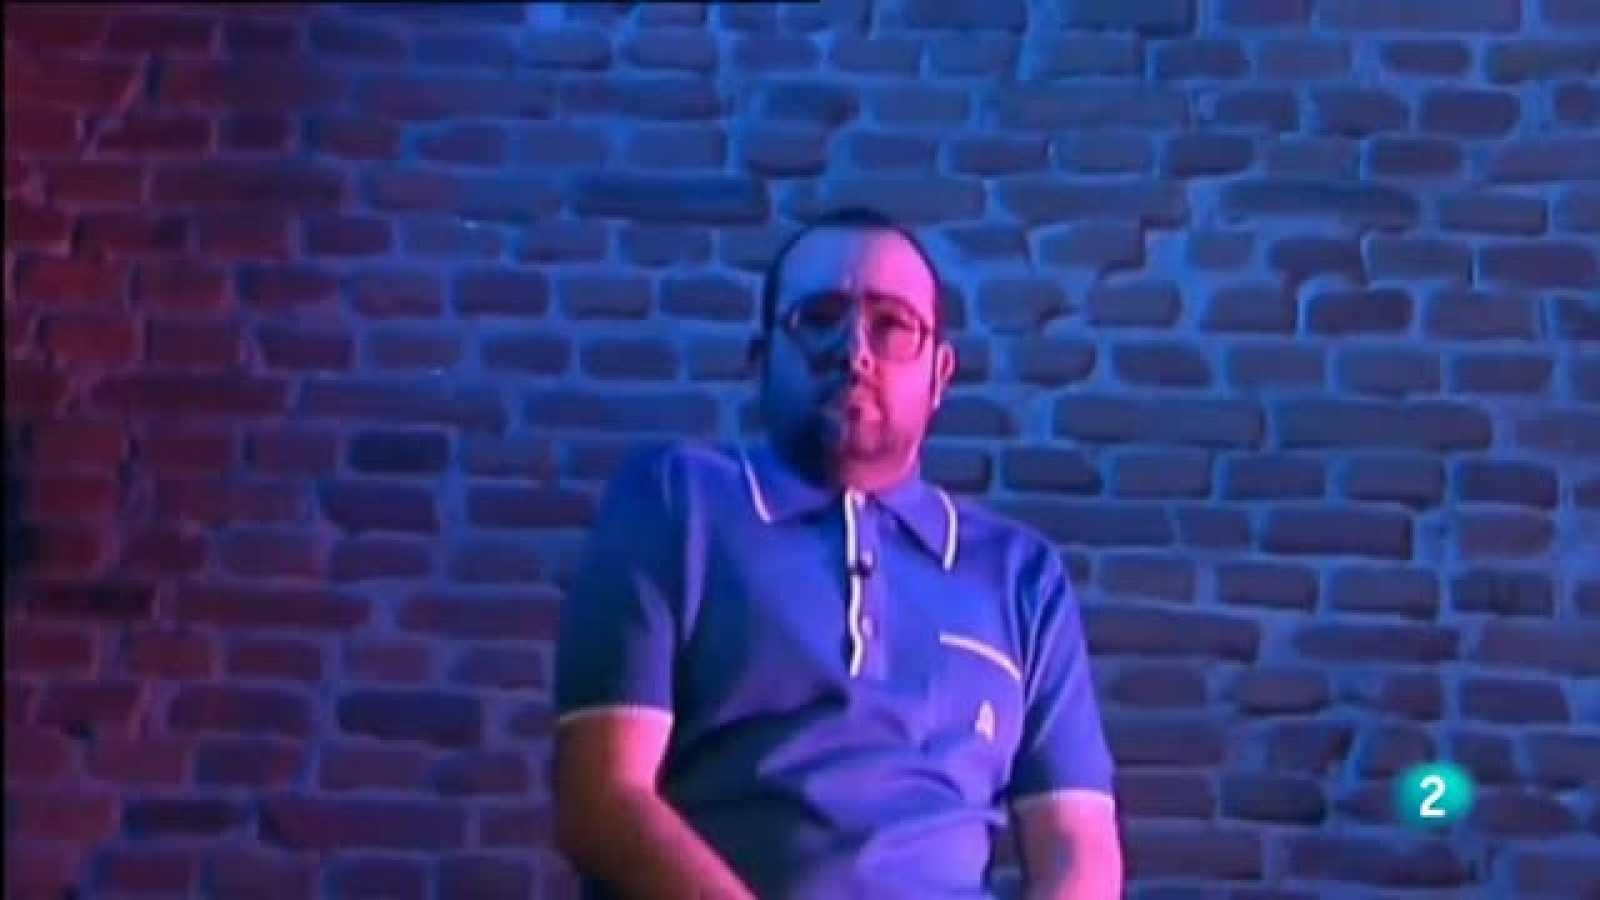 Cómo nos reímos - Cuentachistes - El Show de Marvin - También conocido como Carlos Areces